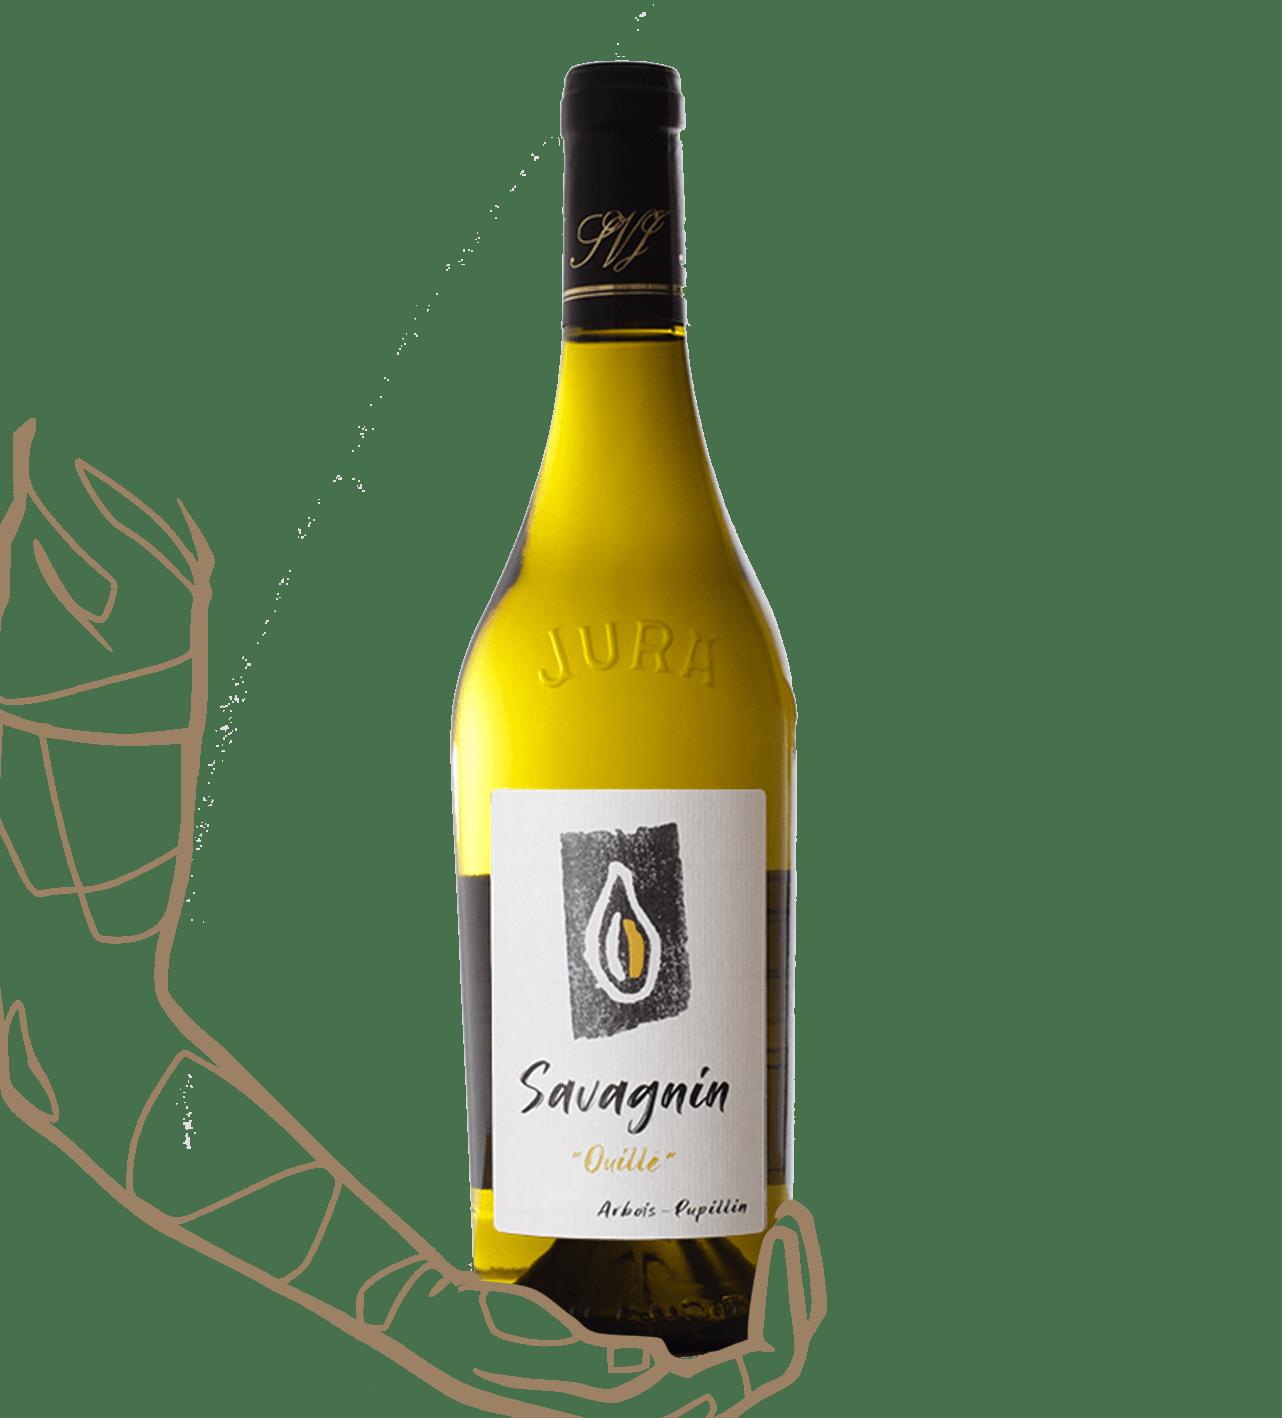 pépin blanc savagnin ouillet est un vin nature du jura de kévin bouillet